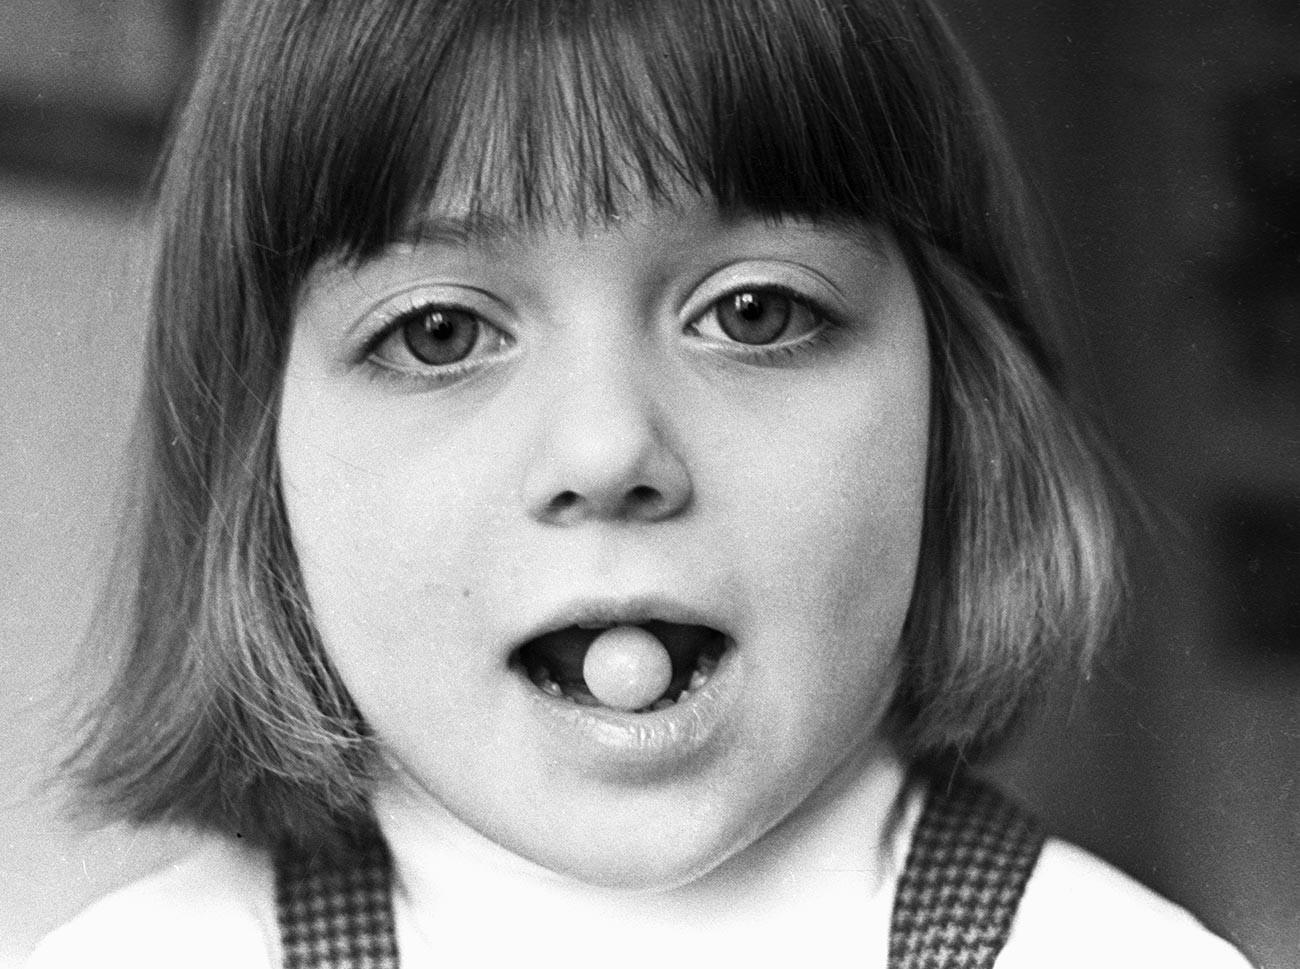 お菓子の形をするワクチンを持っている女の子